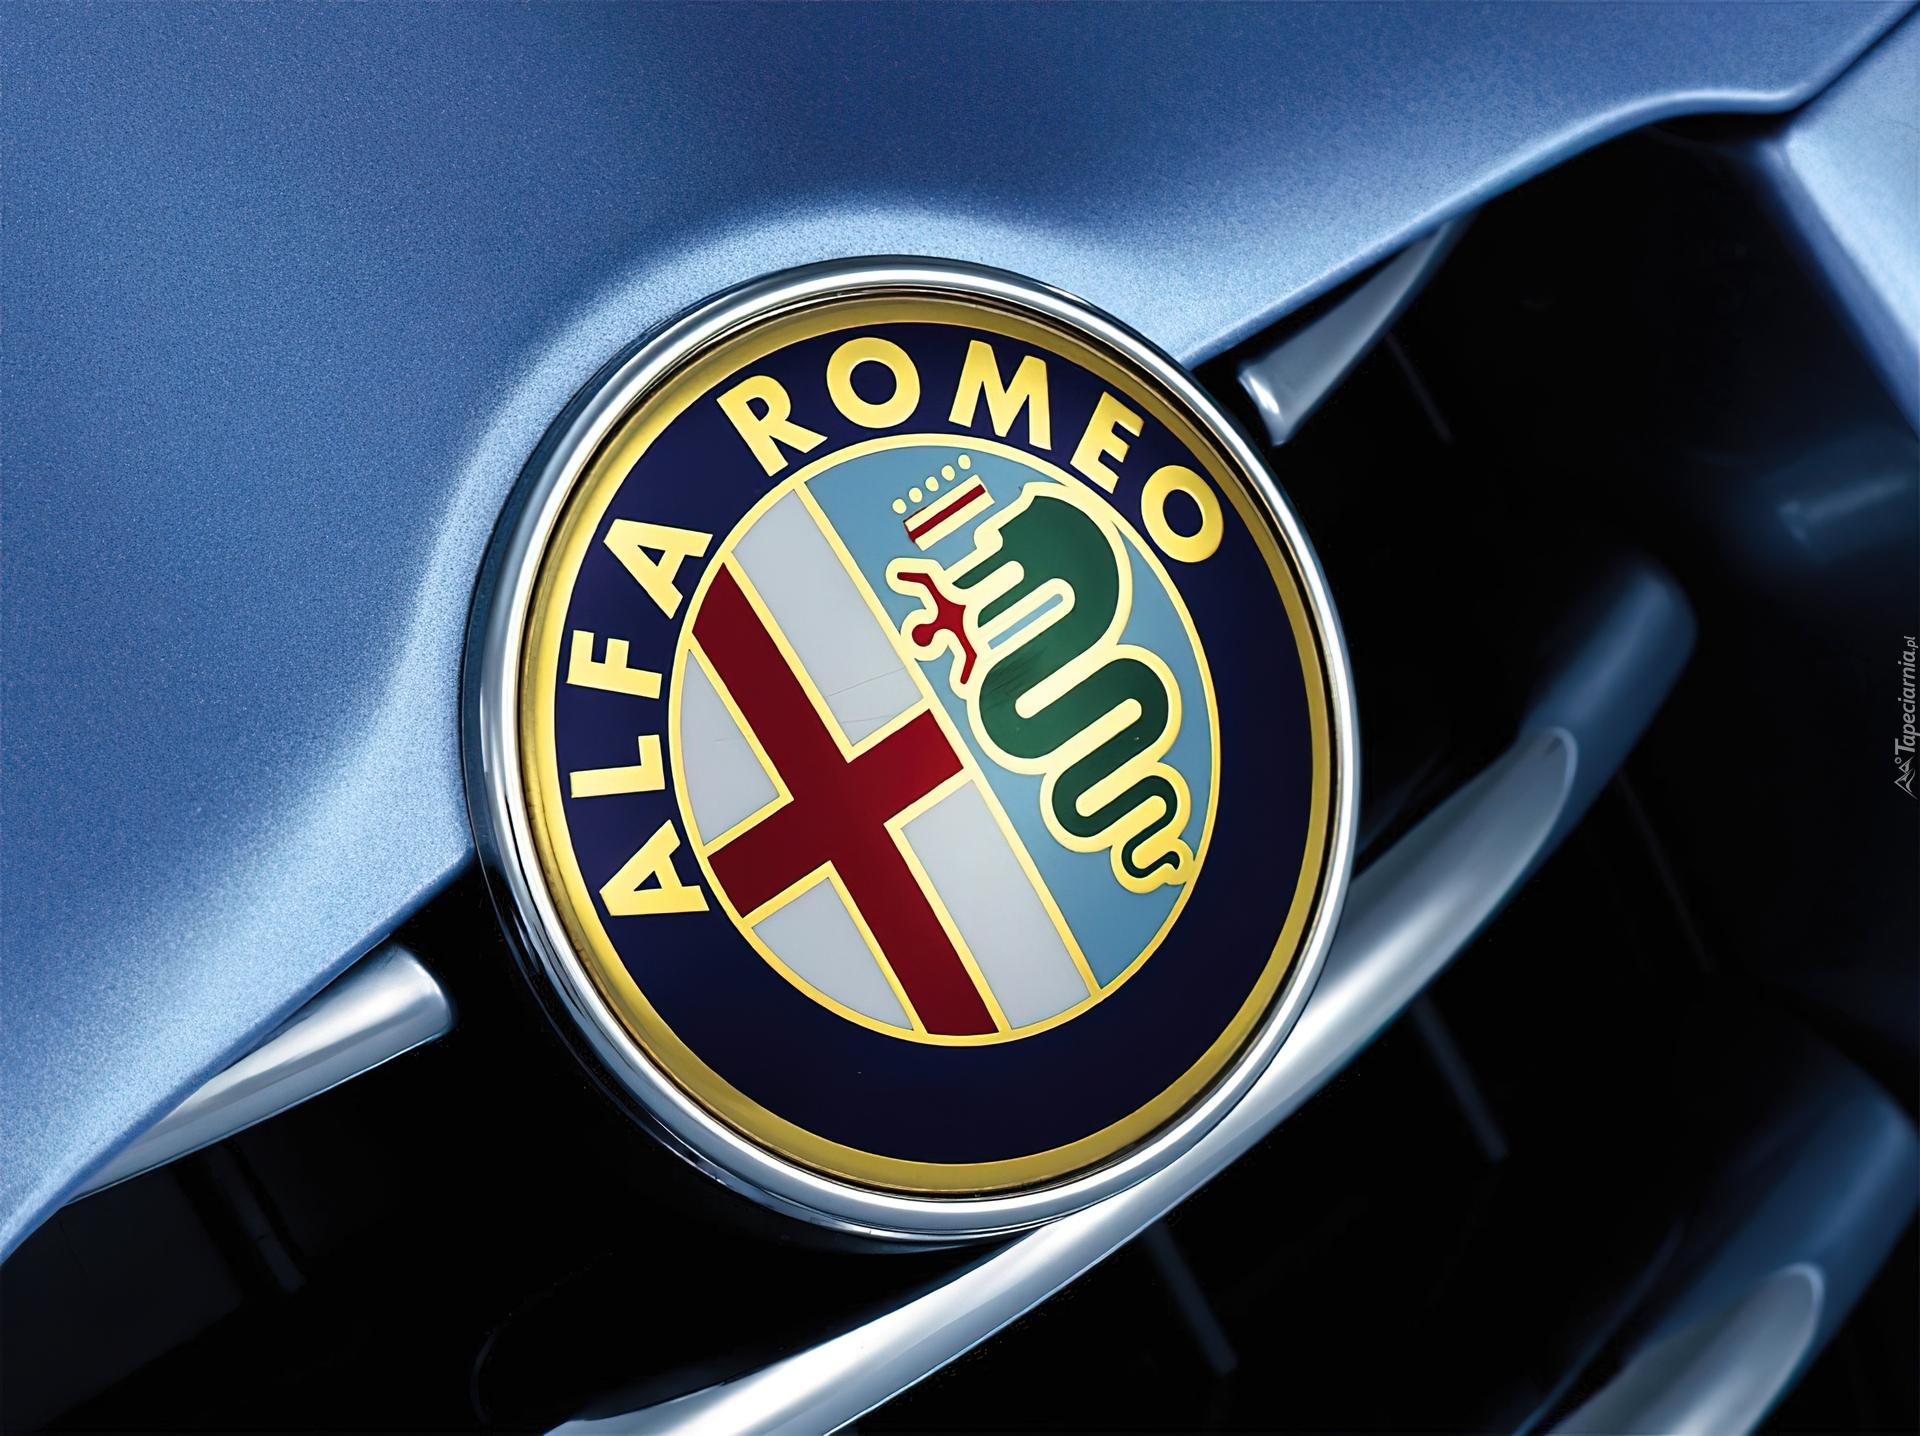 Alfa romeo emblemat 7